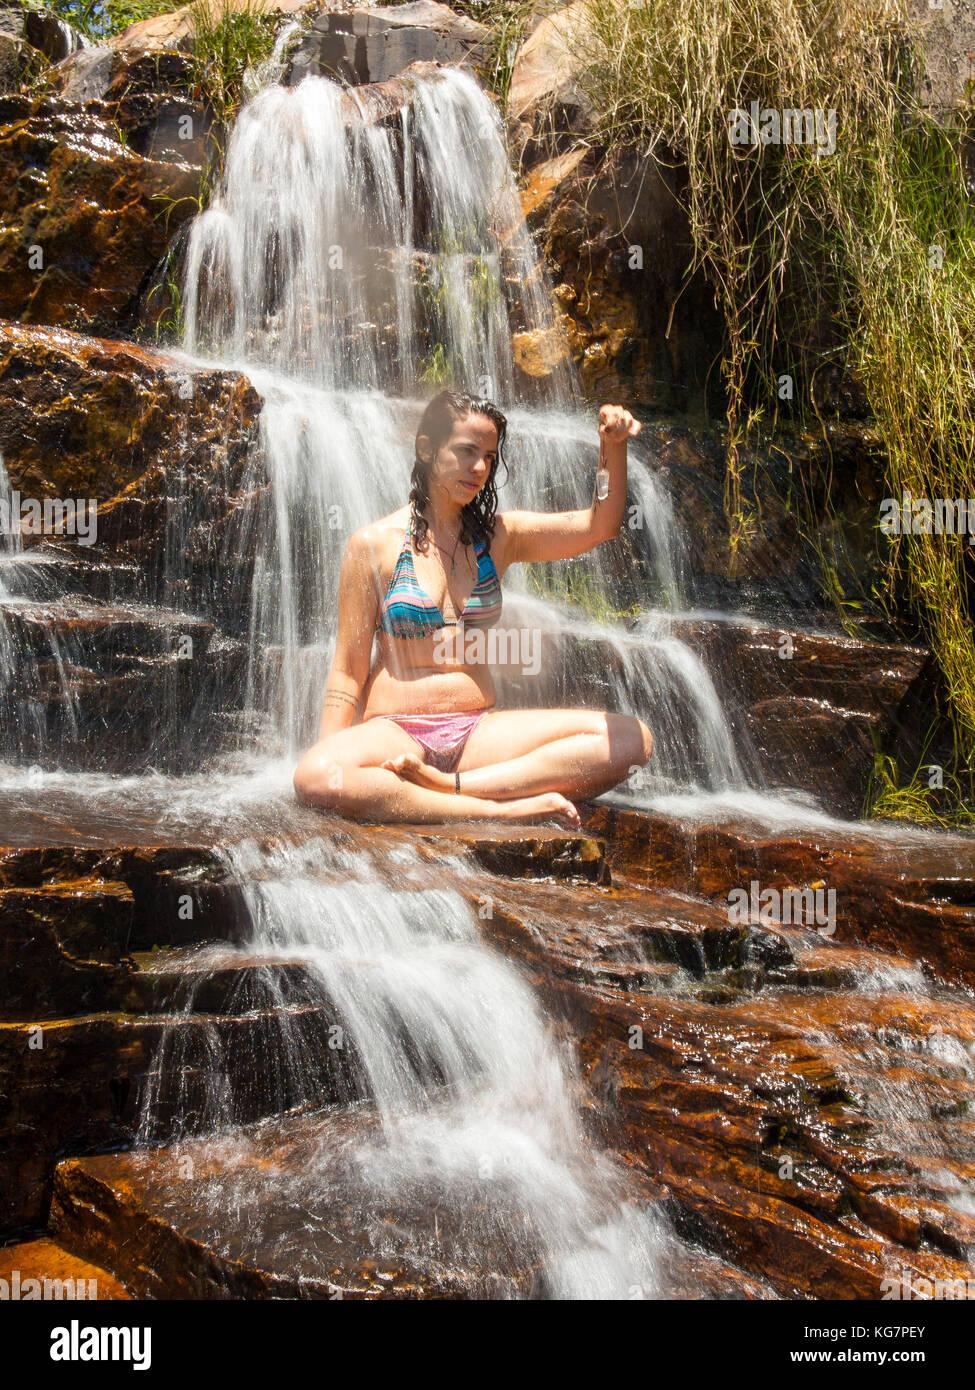 Tourist bathing at Almecegas II Waterfall, Chapada dos Veadeiros, Goias, Brazil - Stock Image